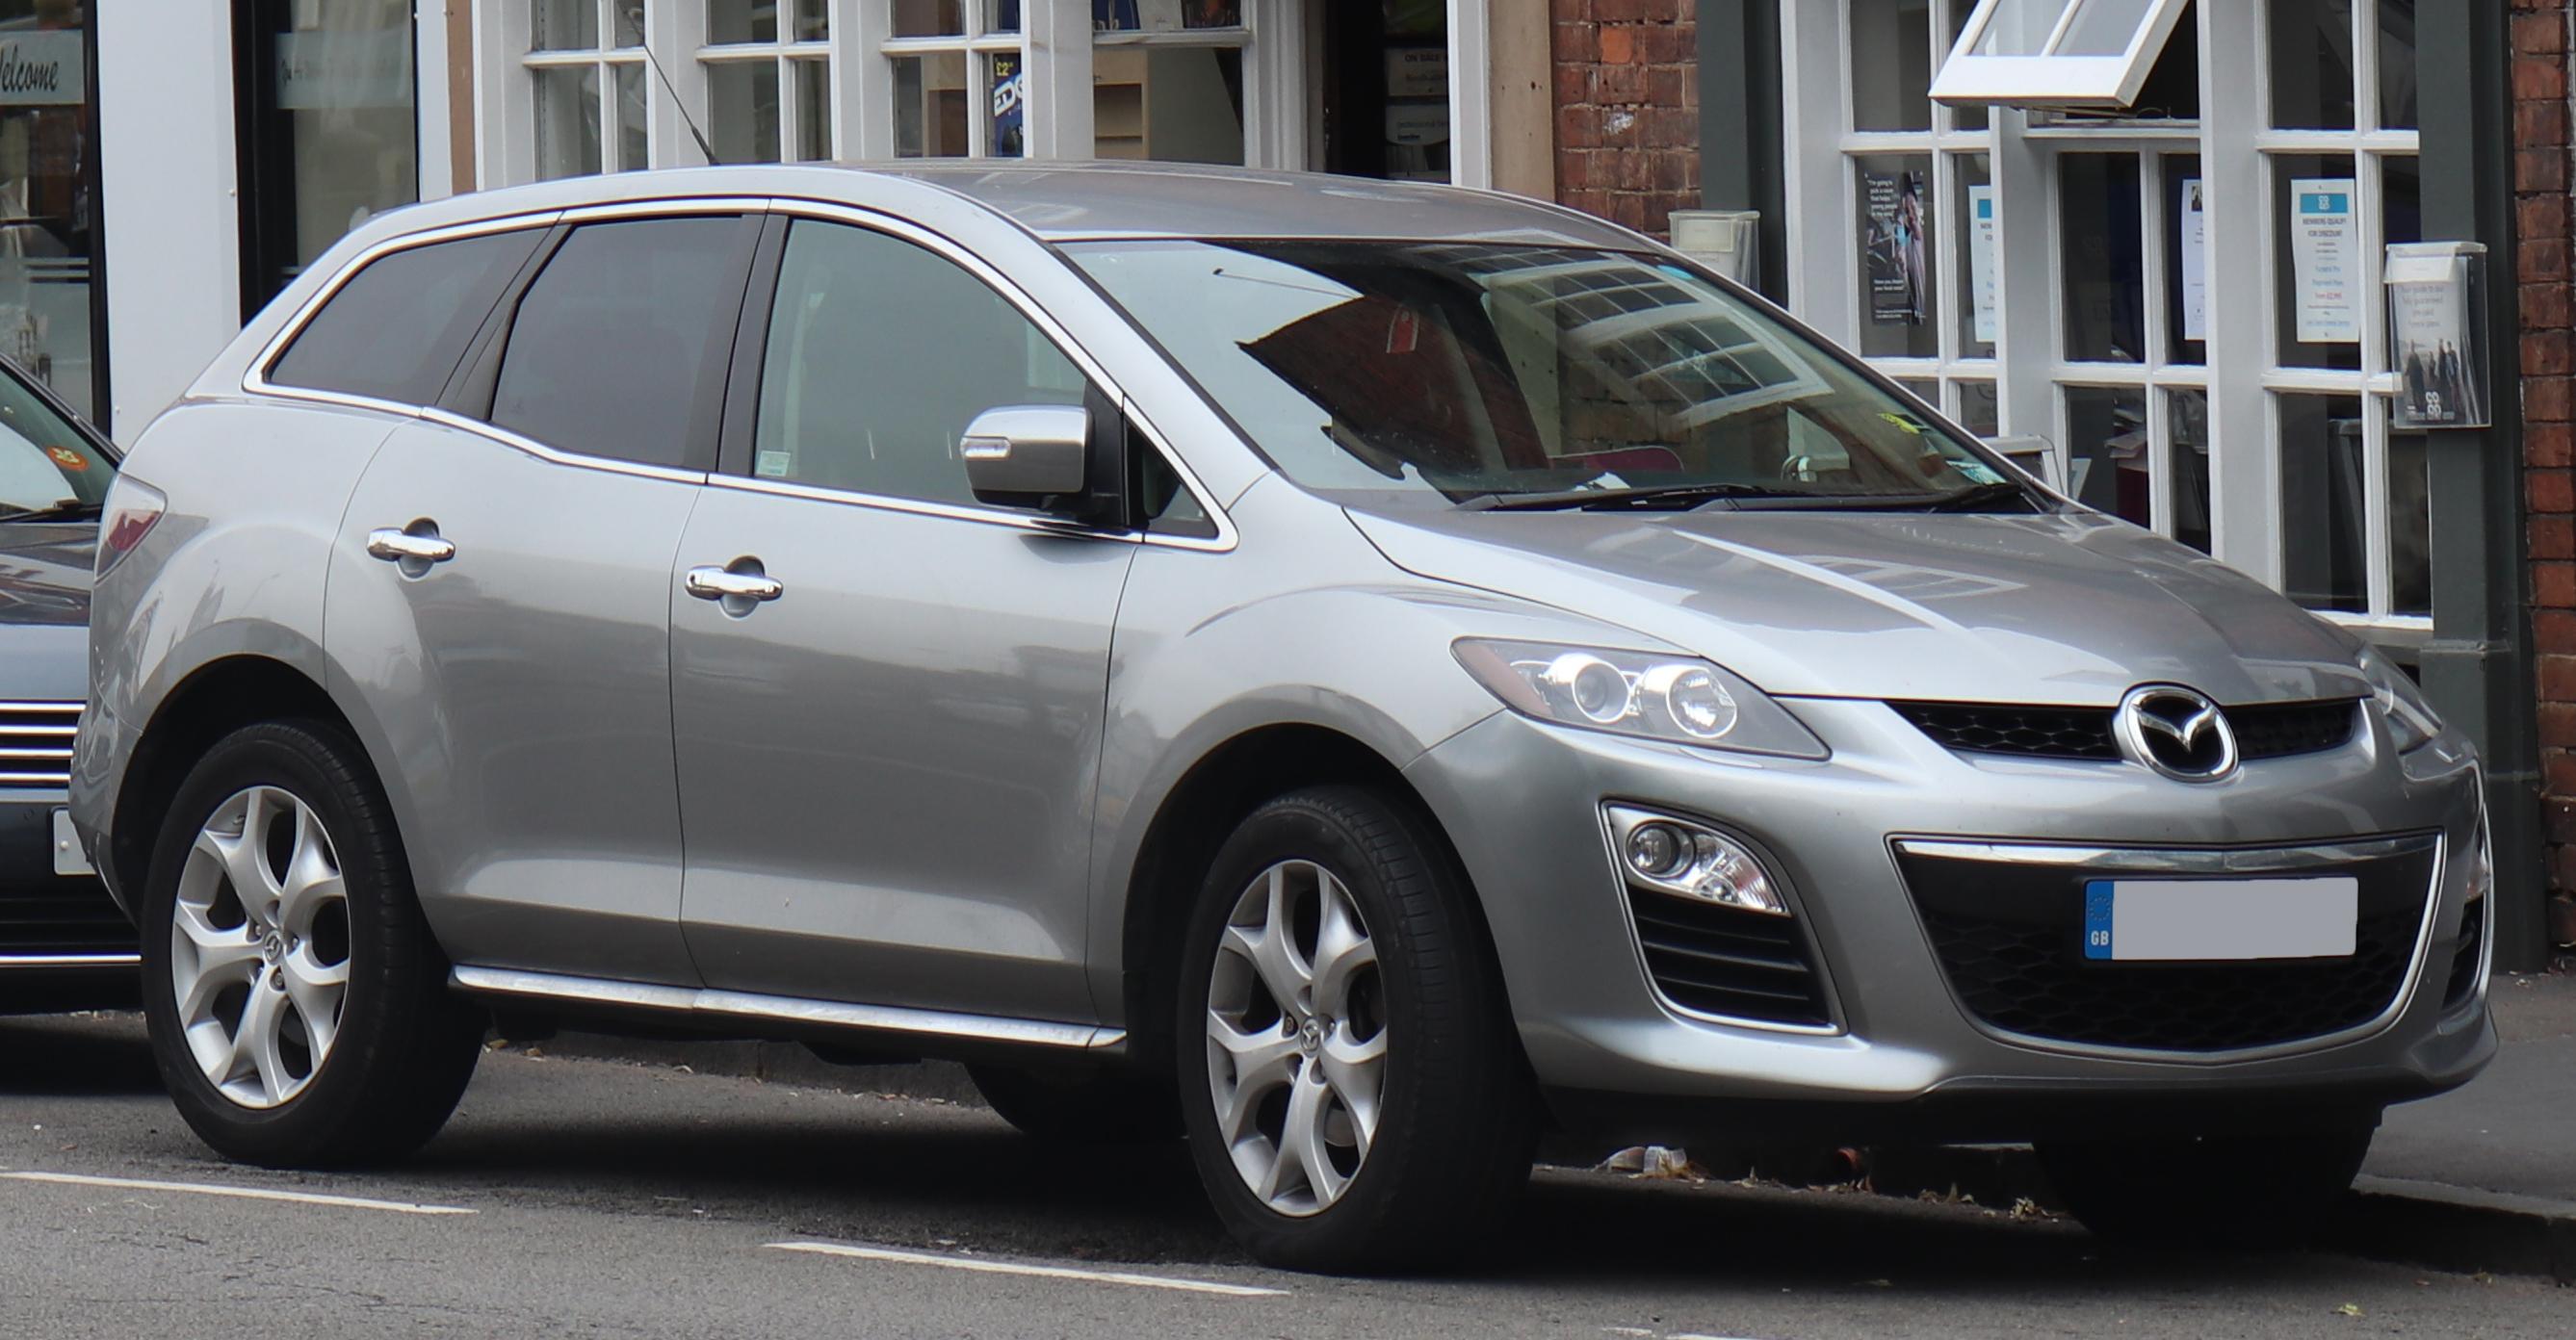 Kekurangan Mazda Cx 7 Top Model Tahun Ini